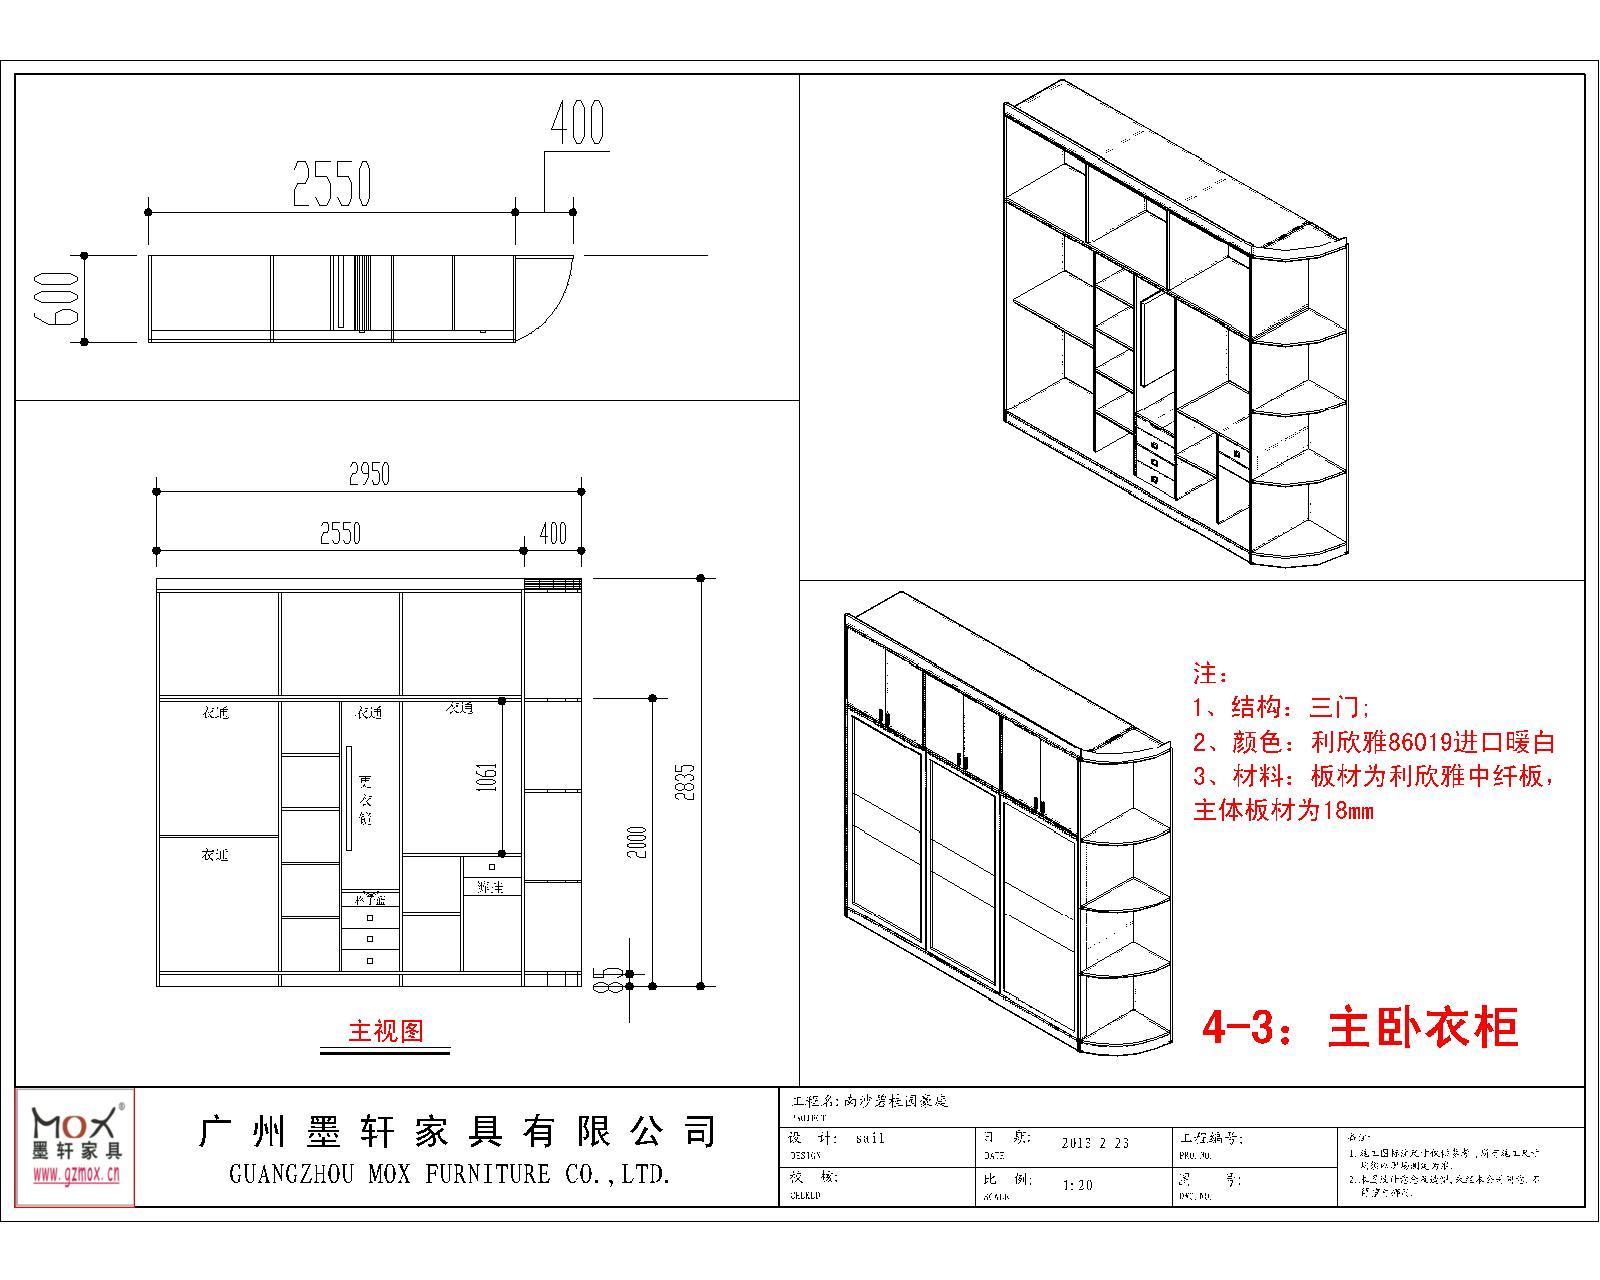 急求家具cad三维图 简单一点的就行,为了交作业谢谢了图片